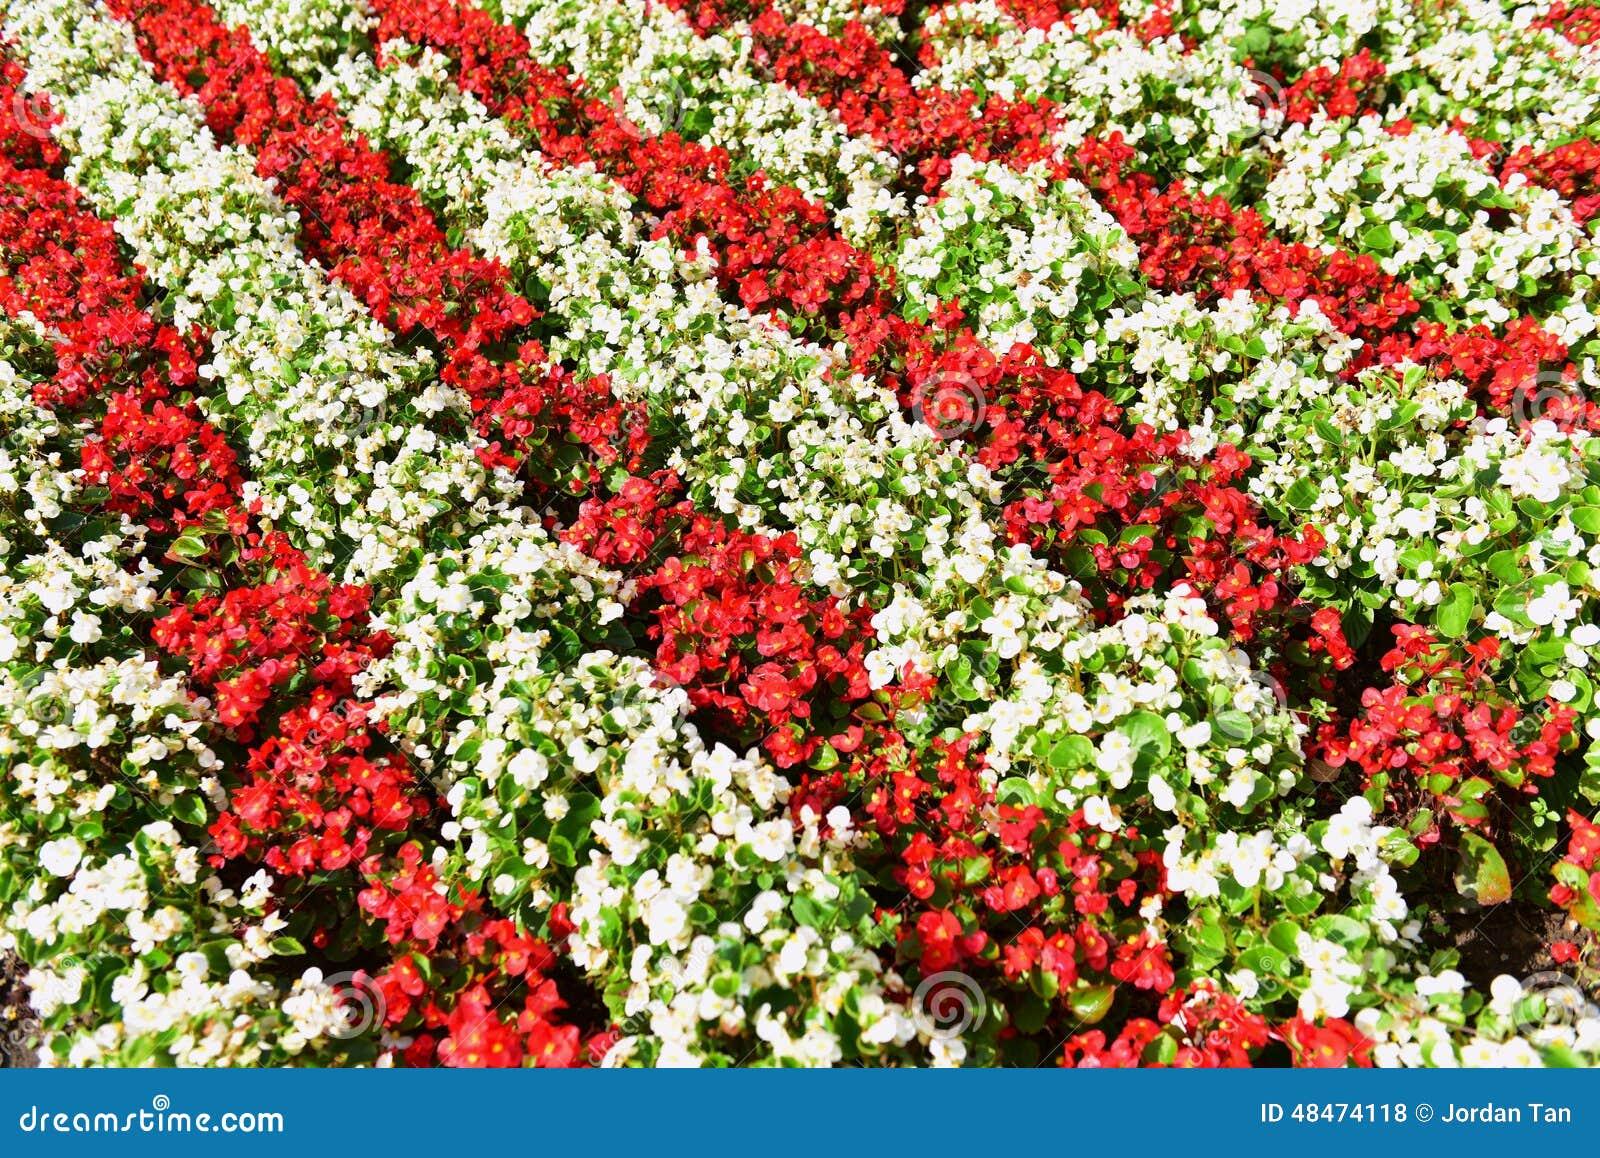 lit de fleur rouge et blanche photo stock image du configuration fleur 48474118. Black Bedroom Furniture Sets. Home Design Ideas